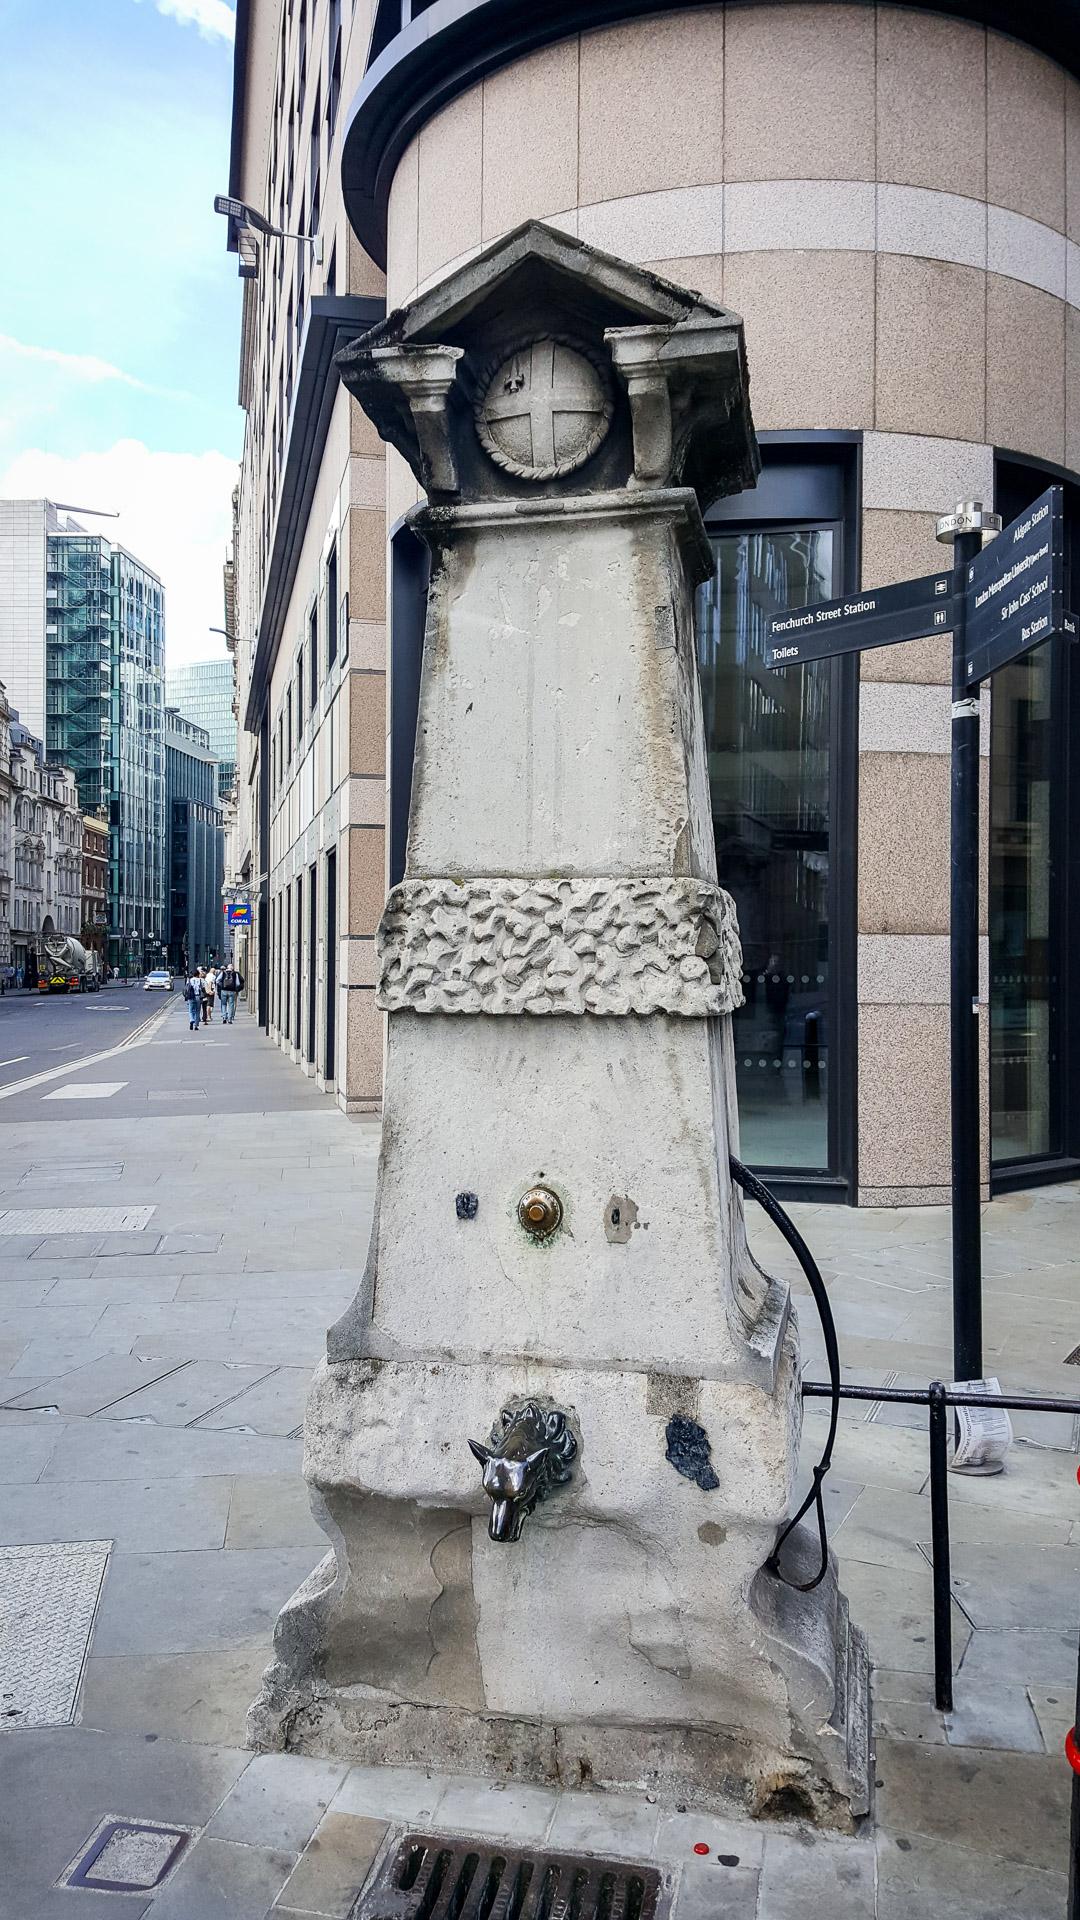 Die Aldgate Pump an der Gabelung Fenchurch und Leadenhall Street.